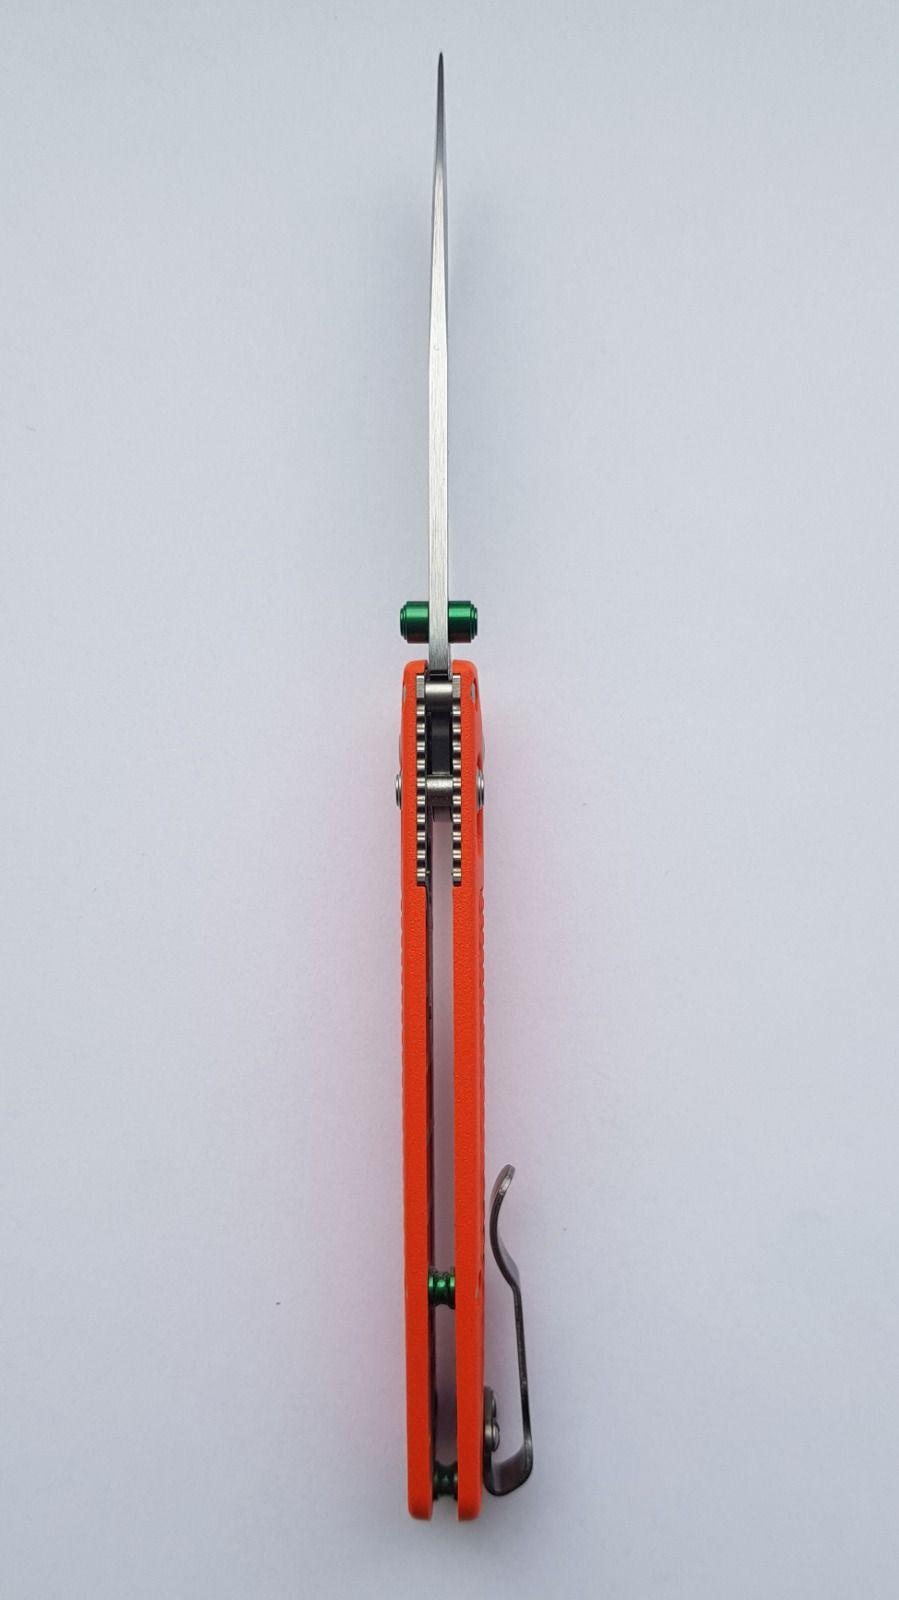 Benchmade Custom Bugout 535